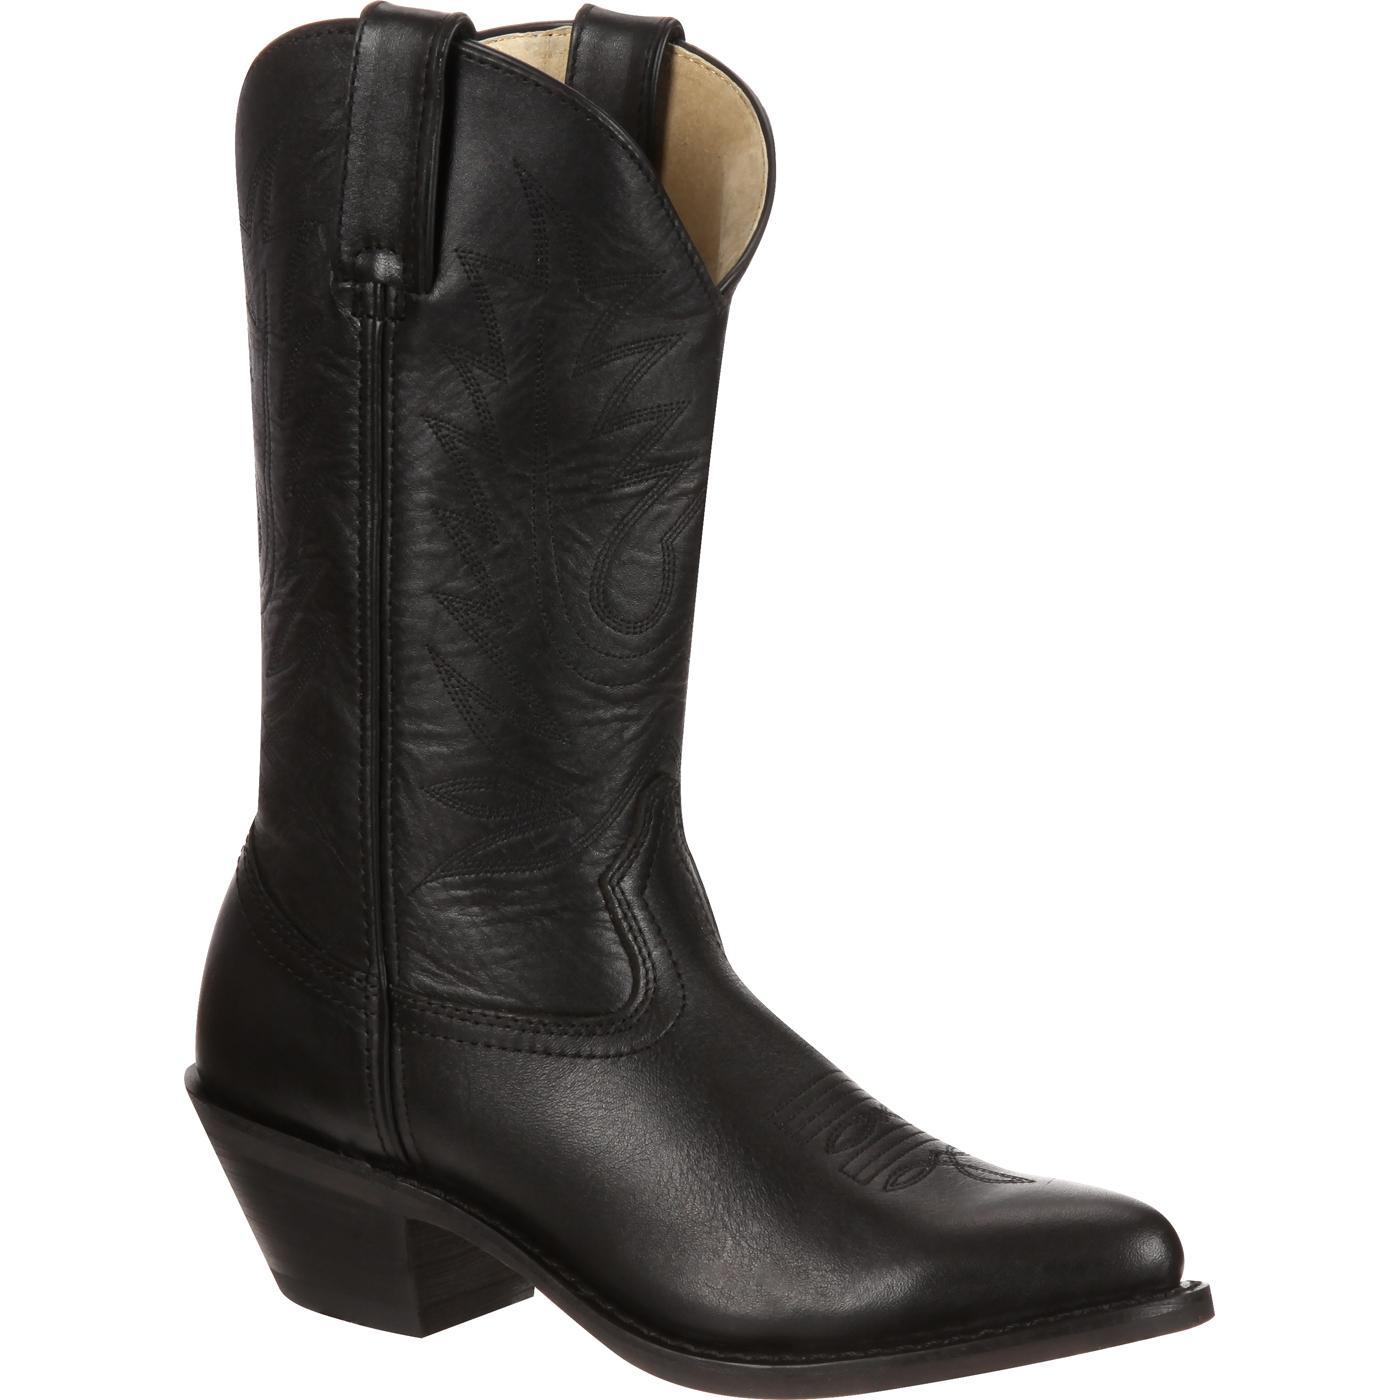 Botas vaqueras de cuero negro para damas de Durango  RD4100 fb30992f6c4